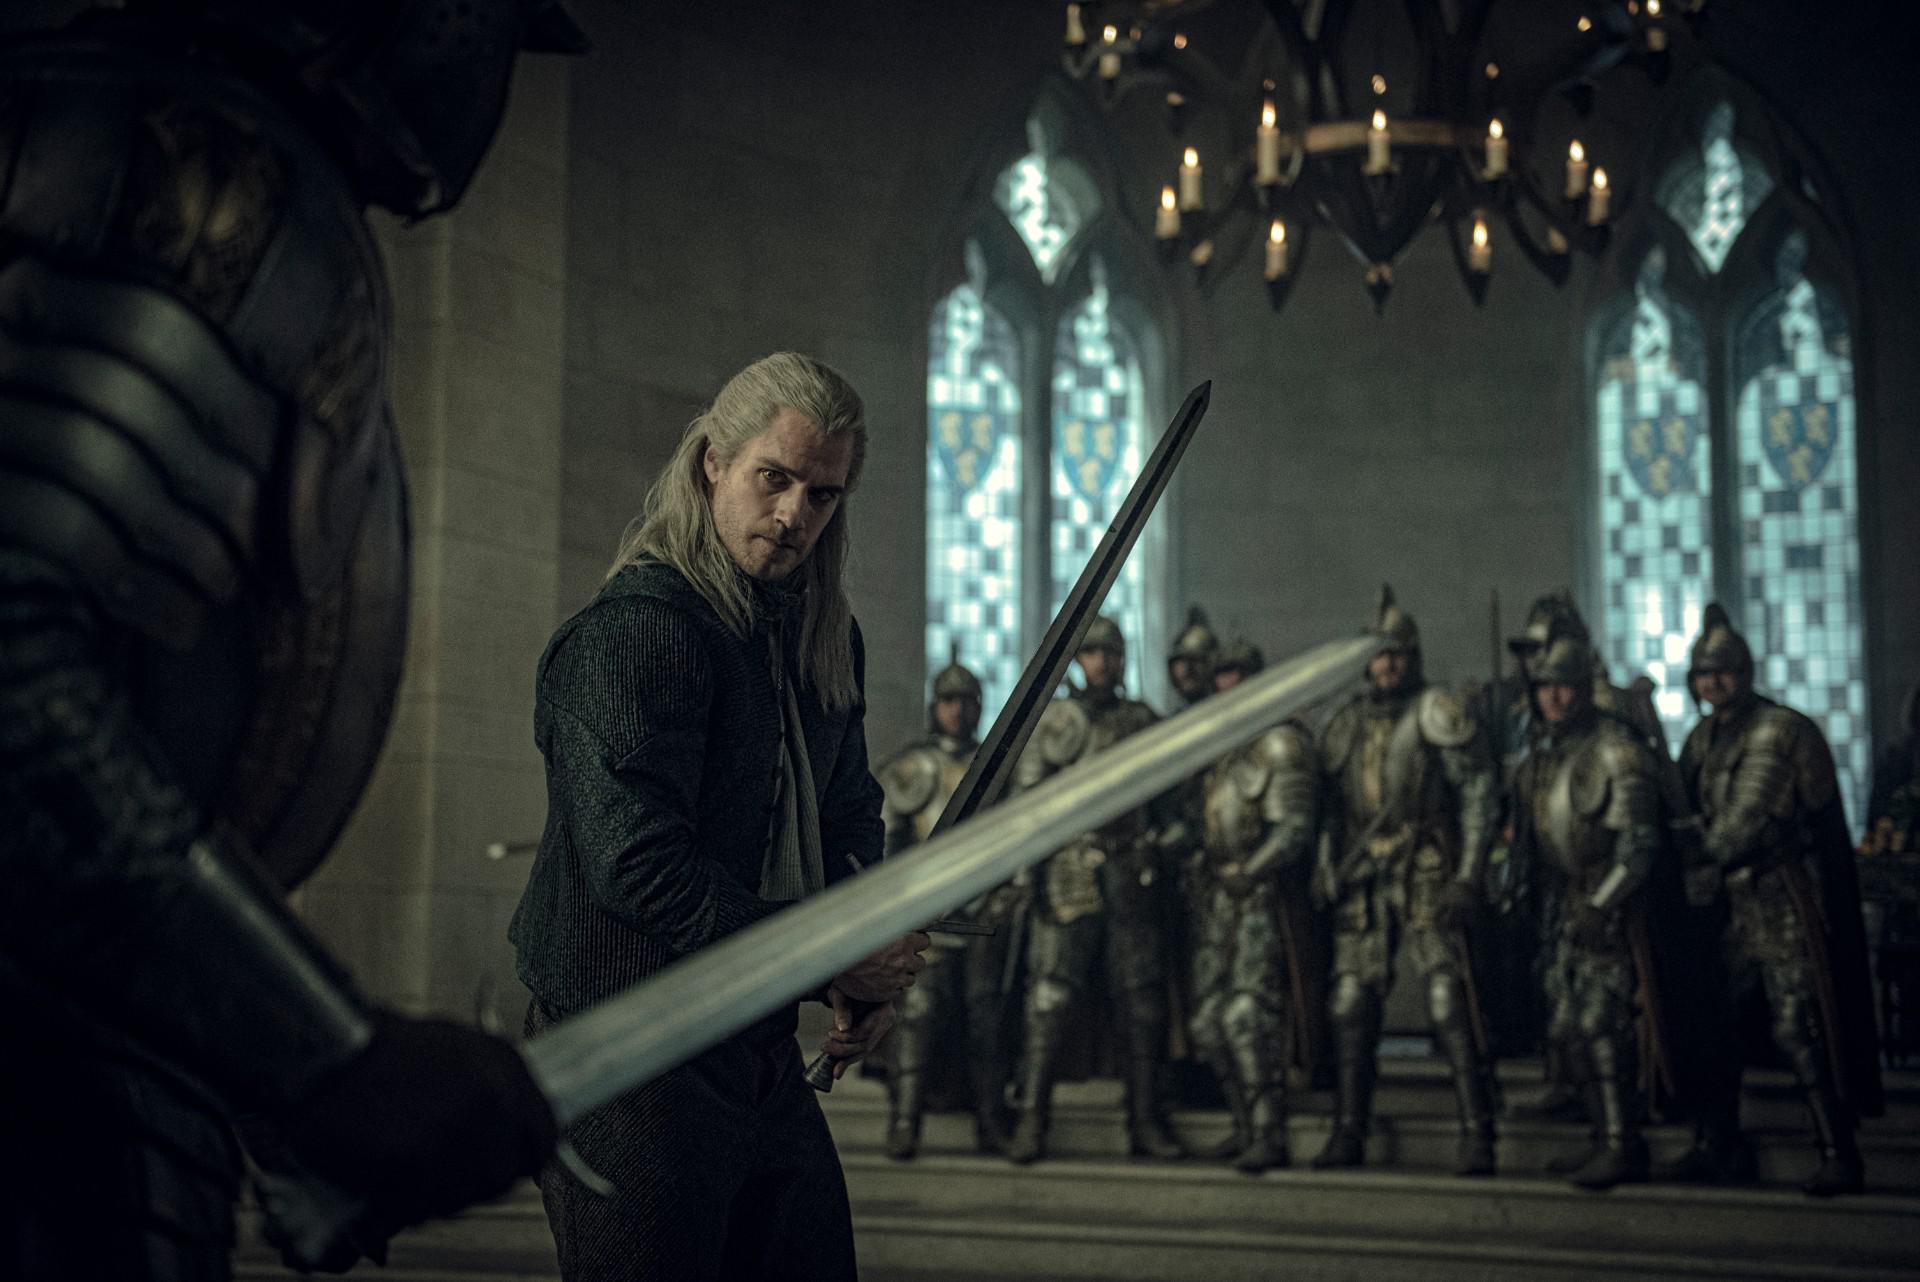 傑森·莫瑪或參演《巫師》電視劇前傳《巫師:血統起源》